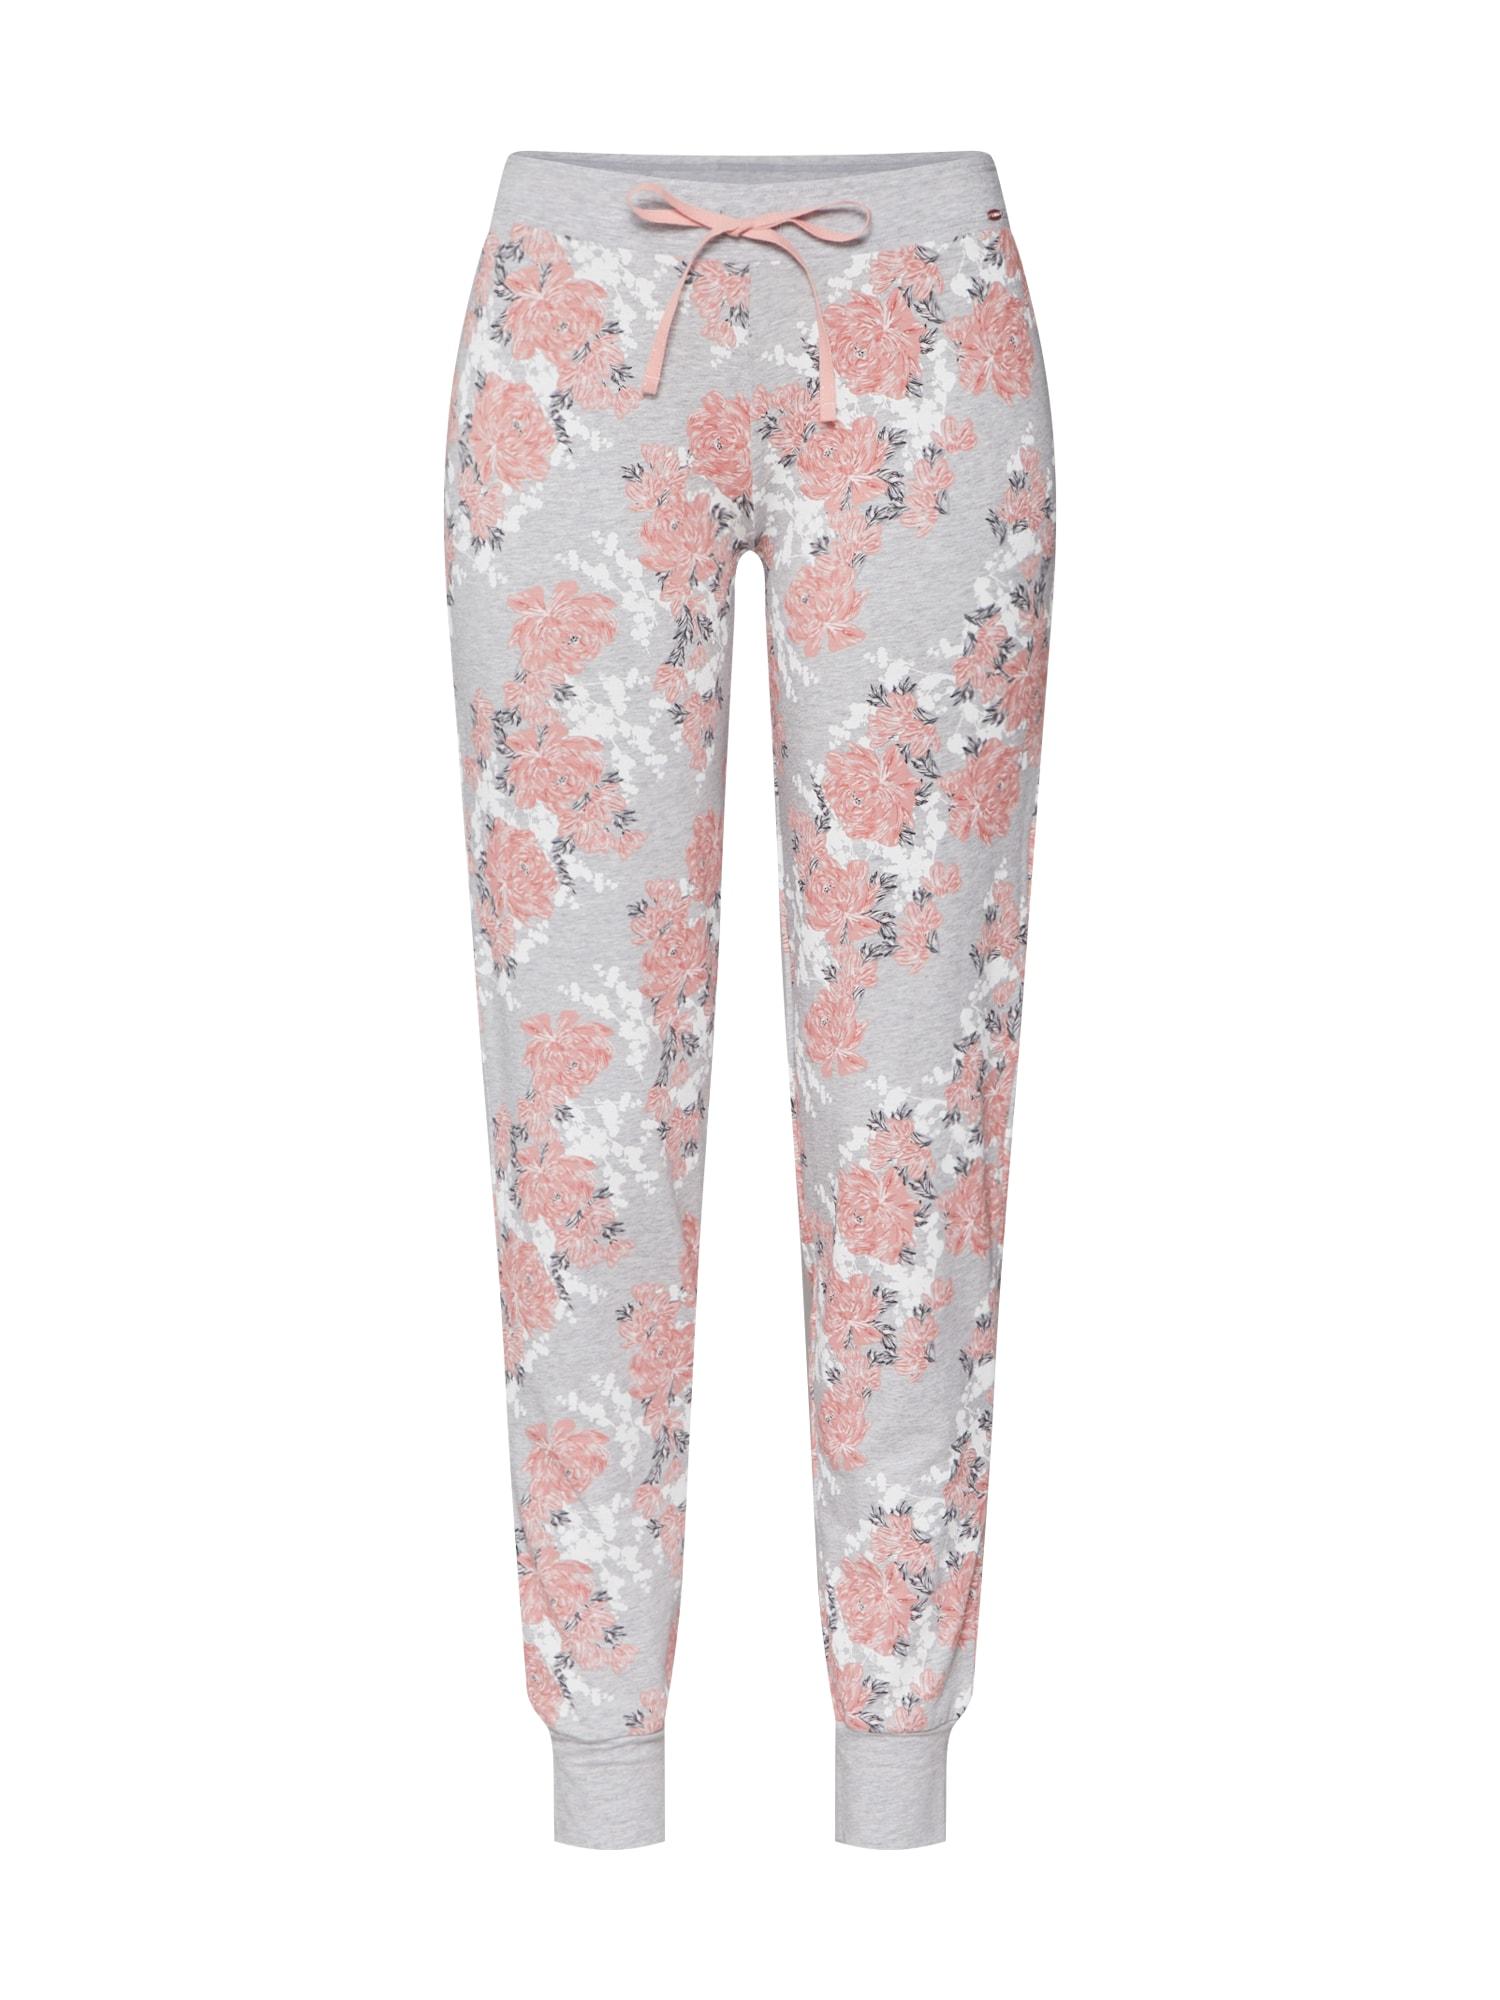 Skiny Pižaminės kelnės mišrios spalvos / rožių spalva